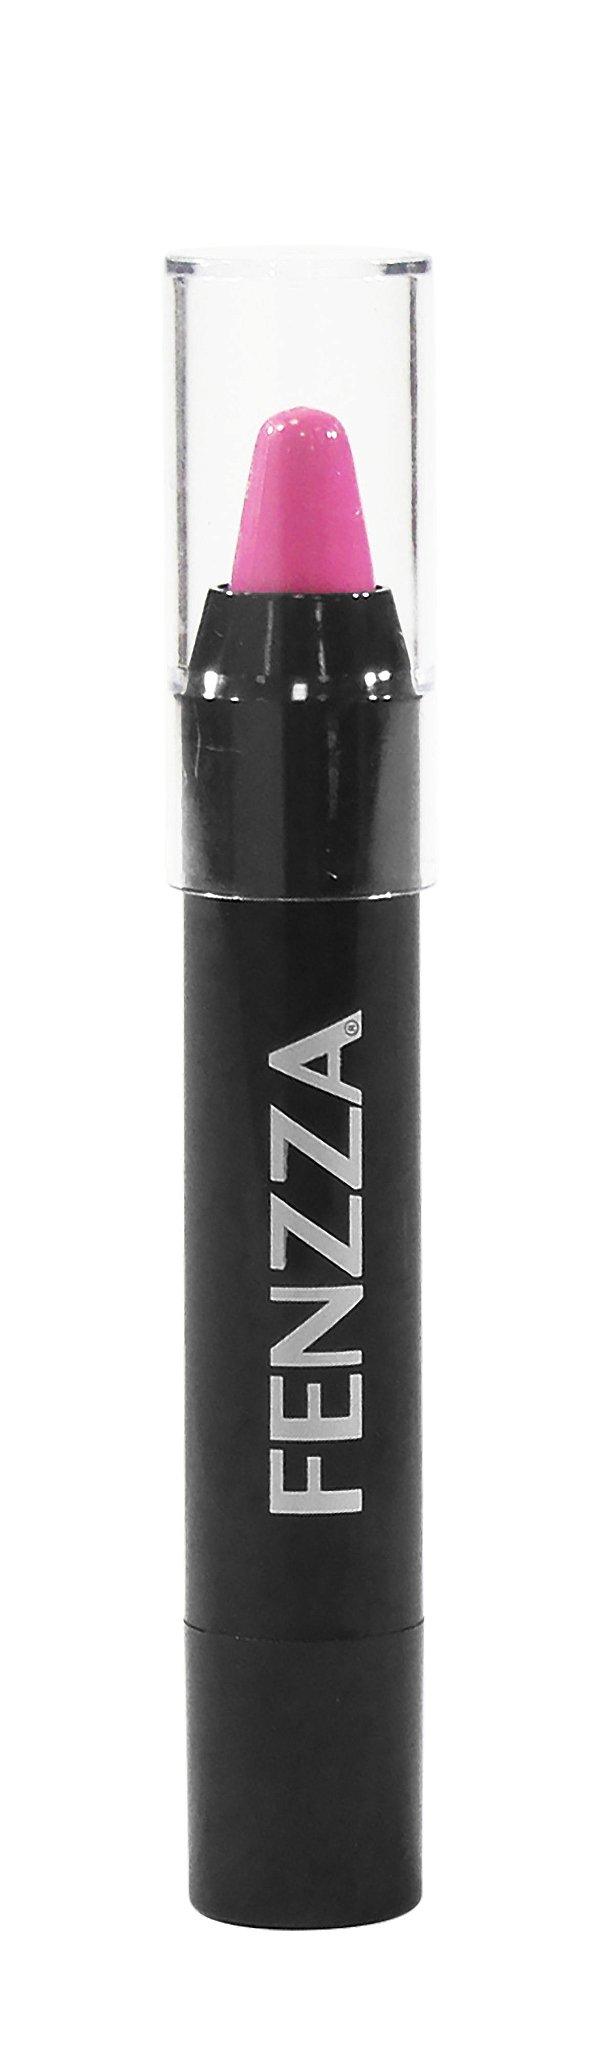 lápis batom super cobertura Fenzza - rosa queimado